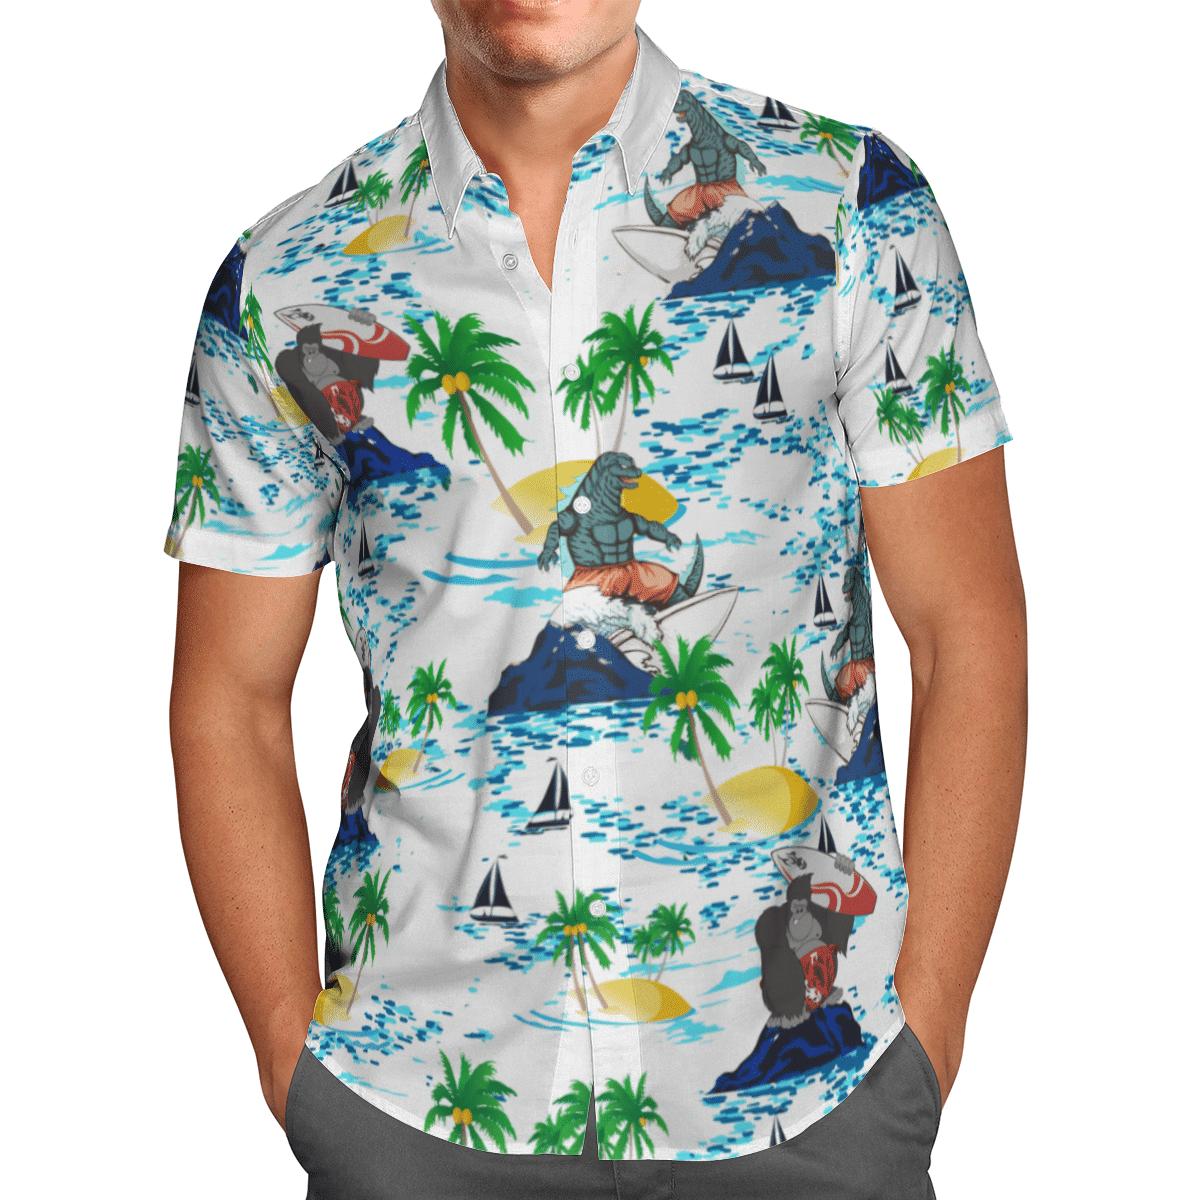 Godzilla vs Kong Hawaiian shirt and short - LIMITED EDITION